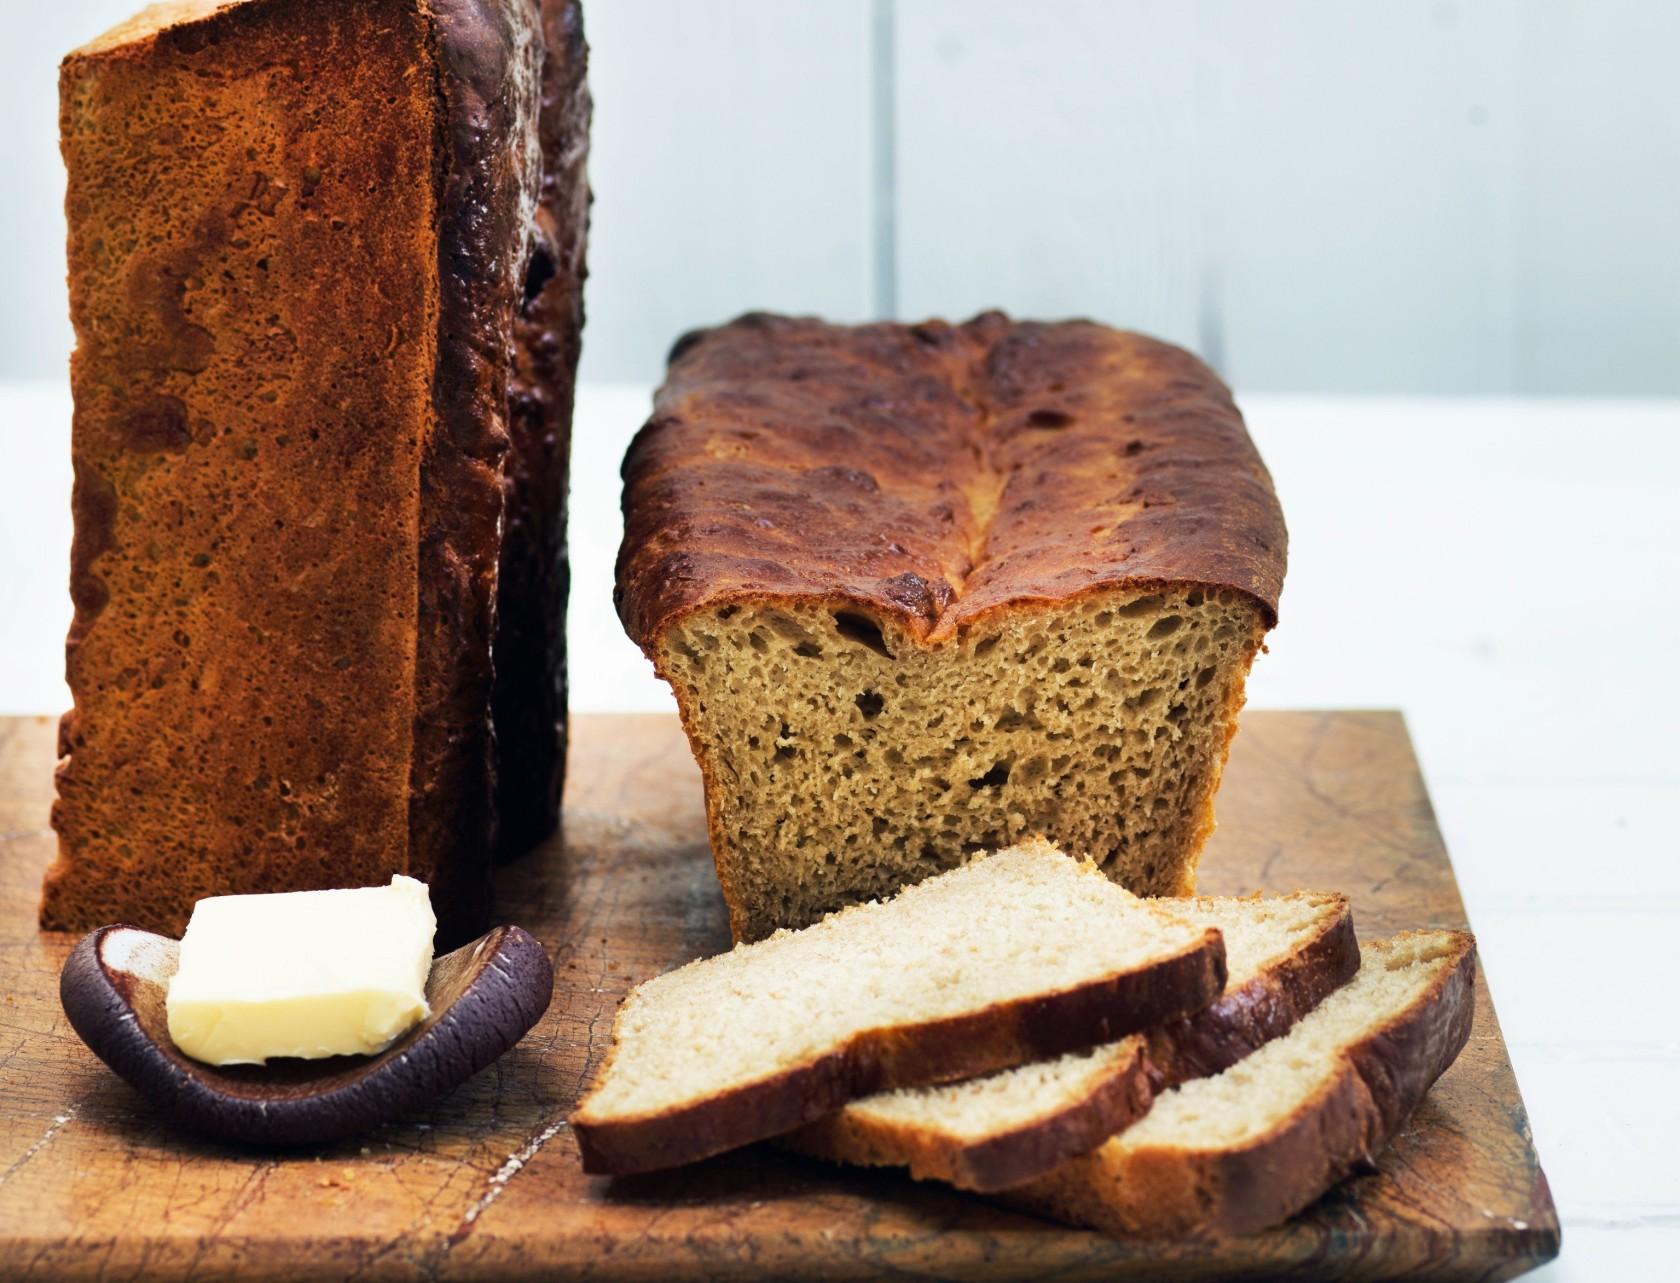 Lækkert og luftigt franskbrød - gammeldags opskrift!